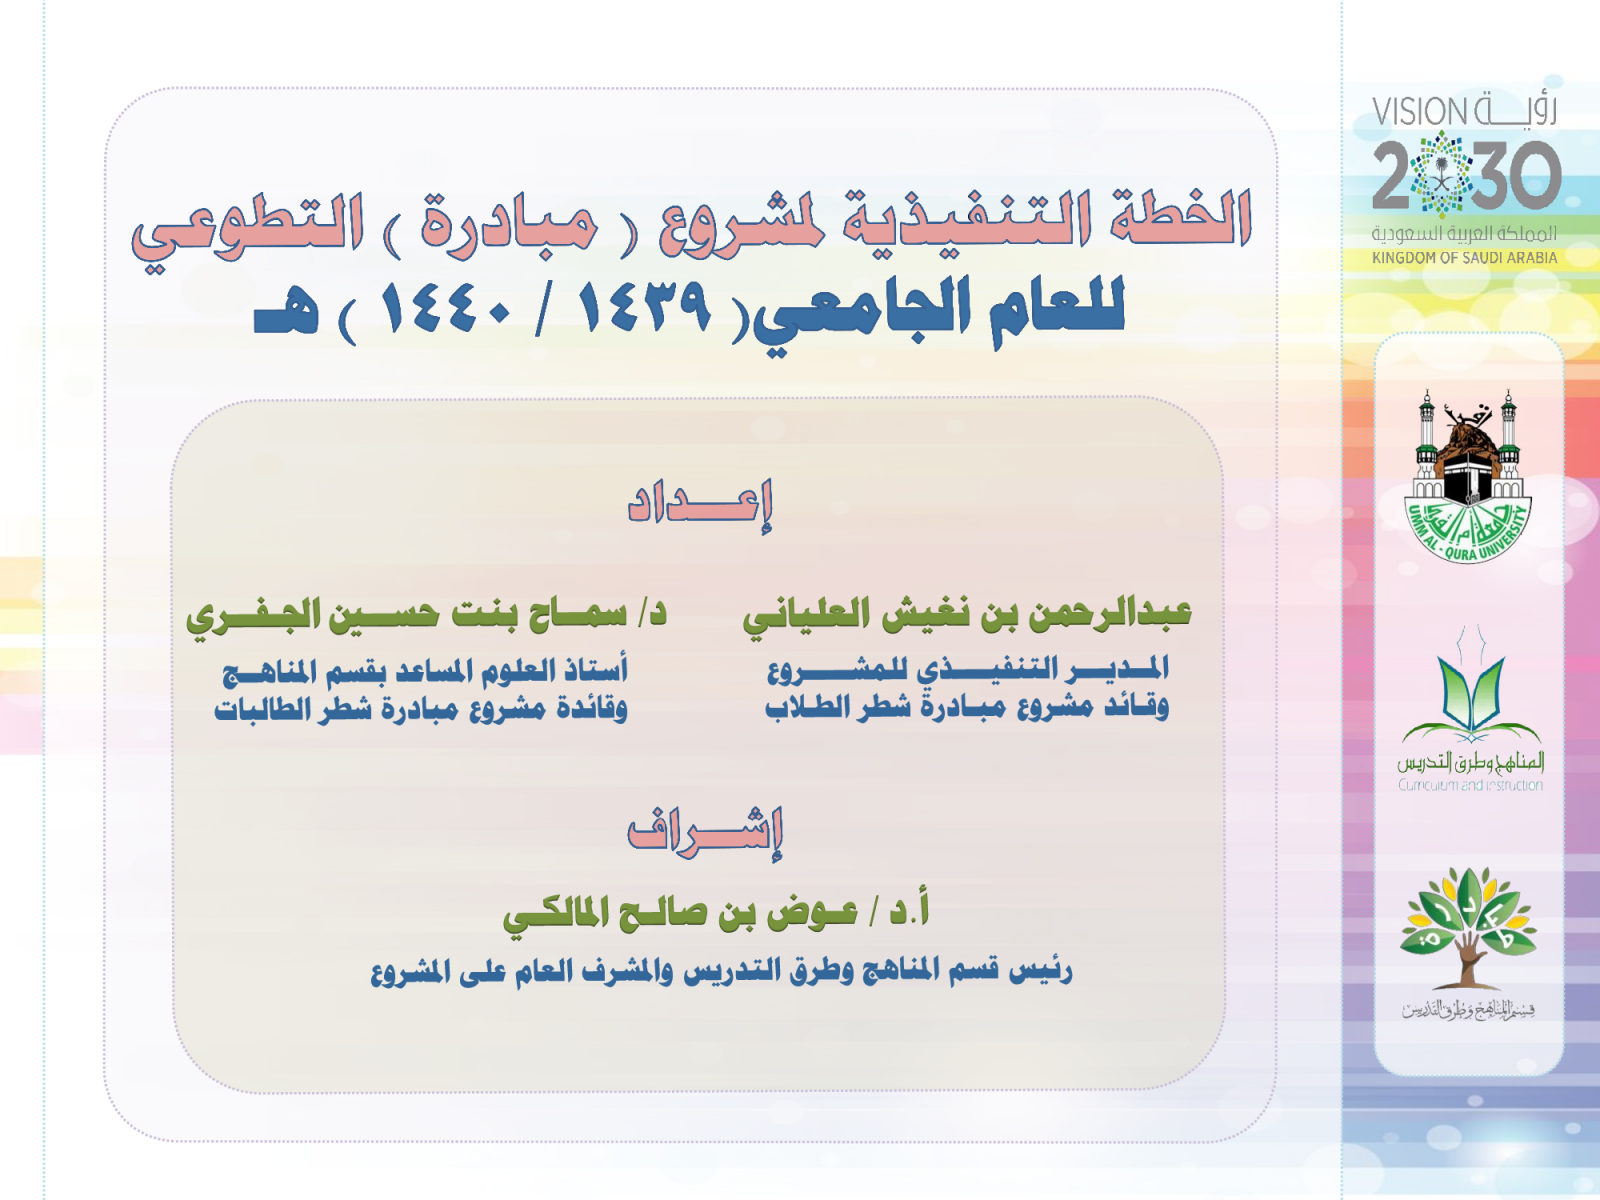 الخطة التنفيذية لمشروع مبادرة التطوعي المناهج وطرق التدريس كلية التربية جامعة أم القرى